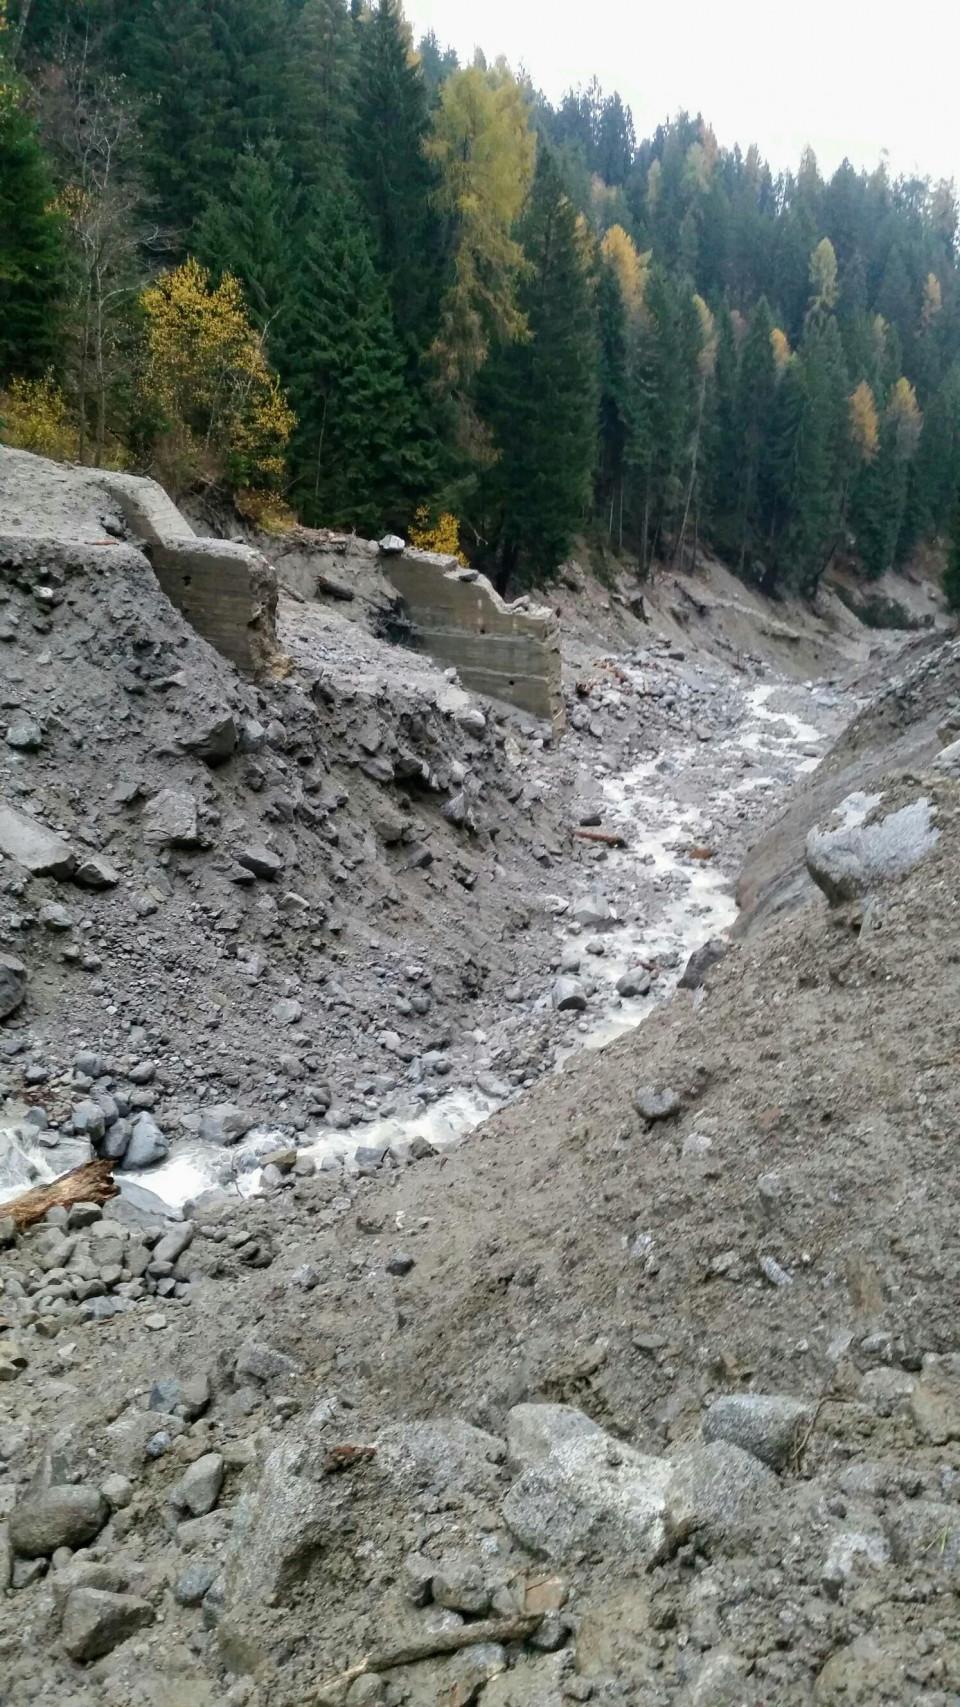 sedimenti fluviali e prevenzione del rischio